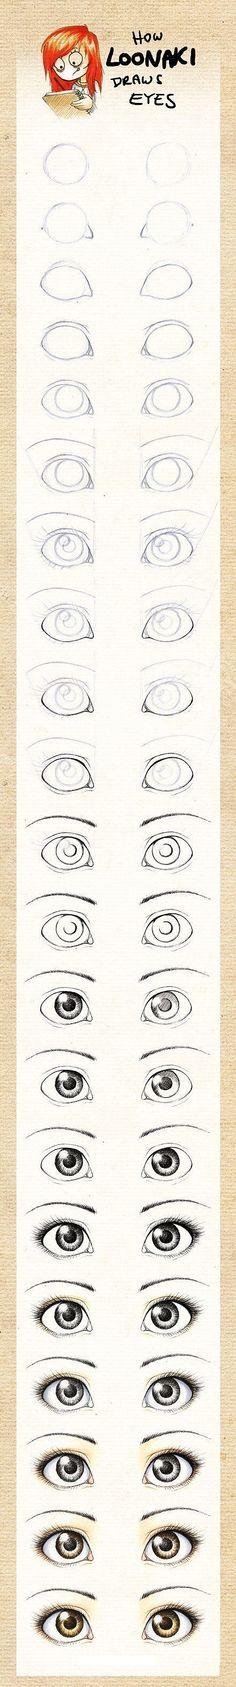 插画手绘 嘀咕图片